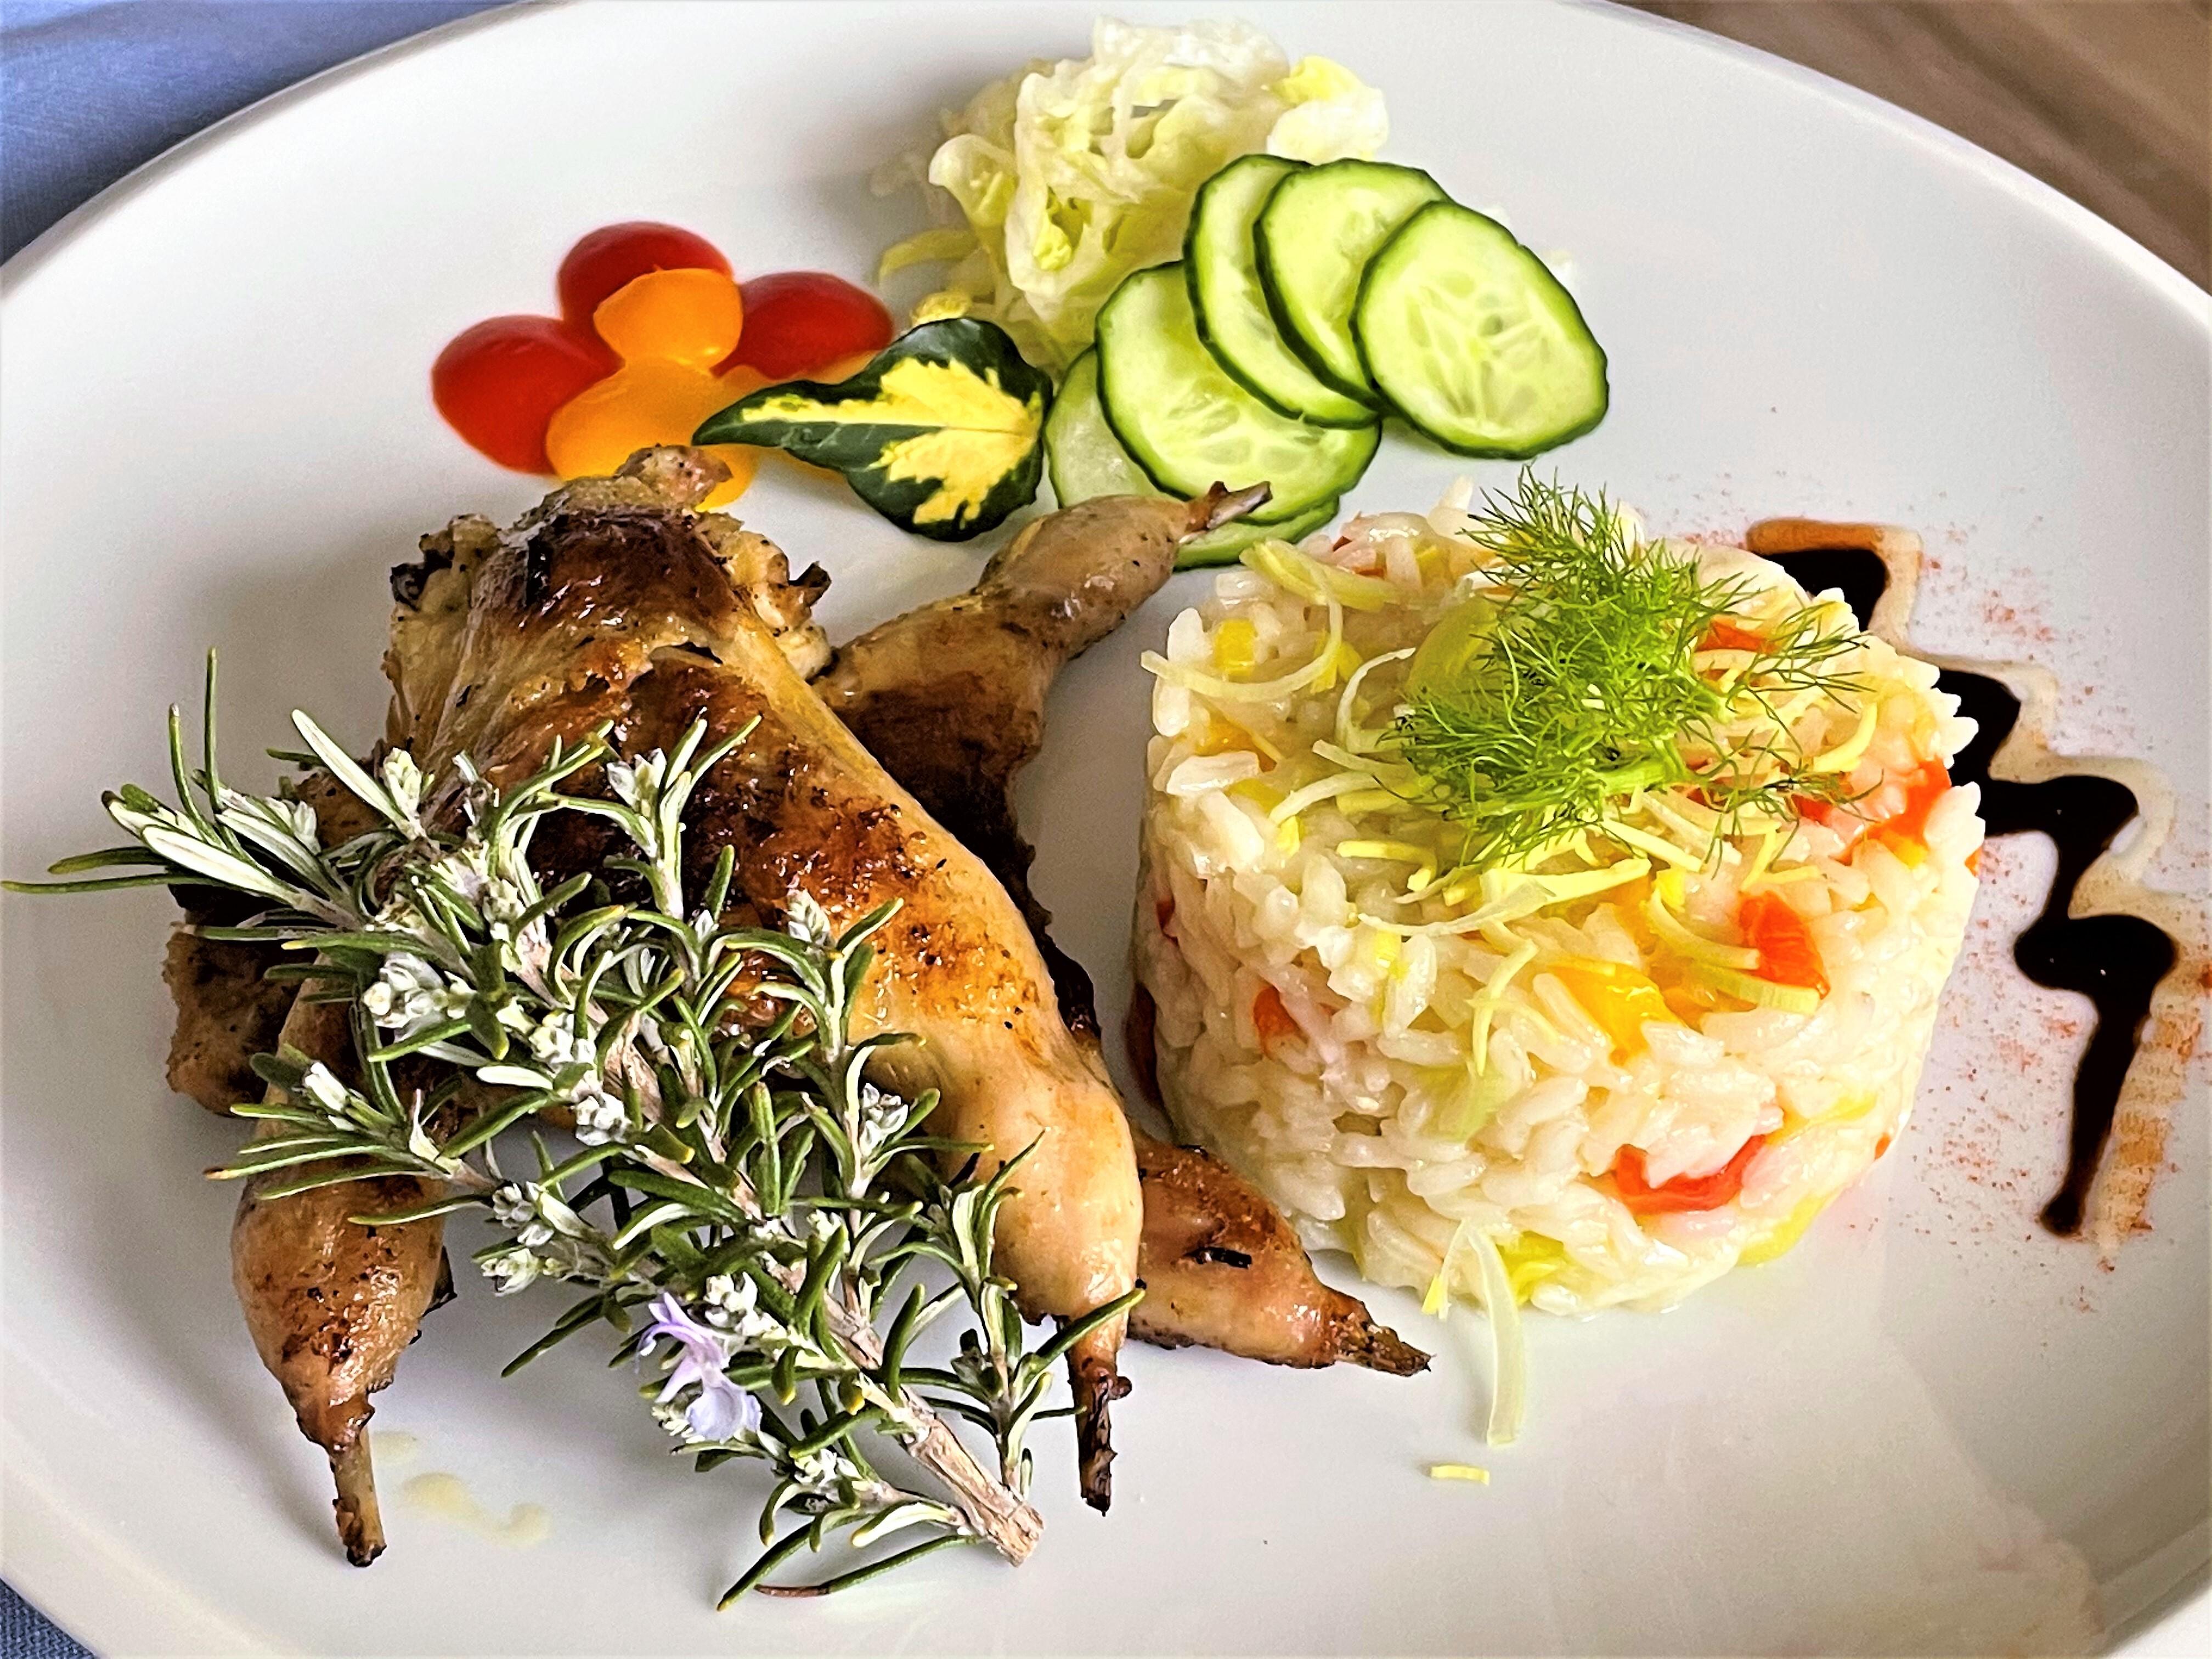 Quaglie con risotto ai peperoni